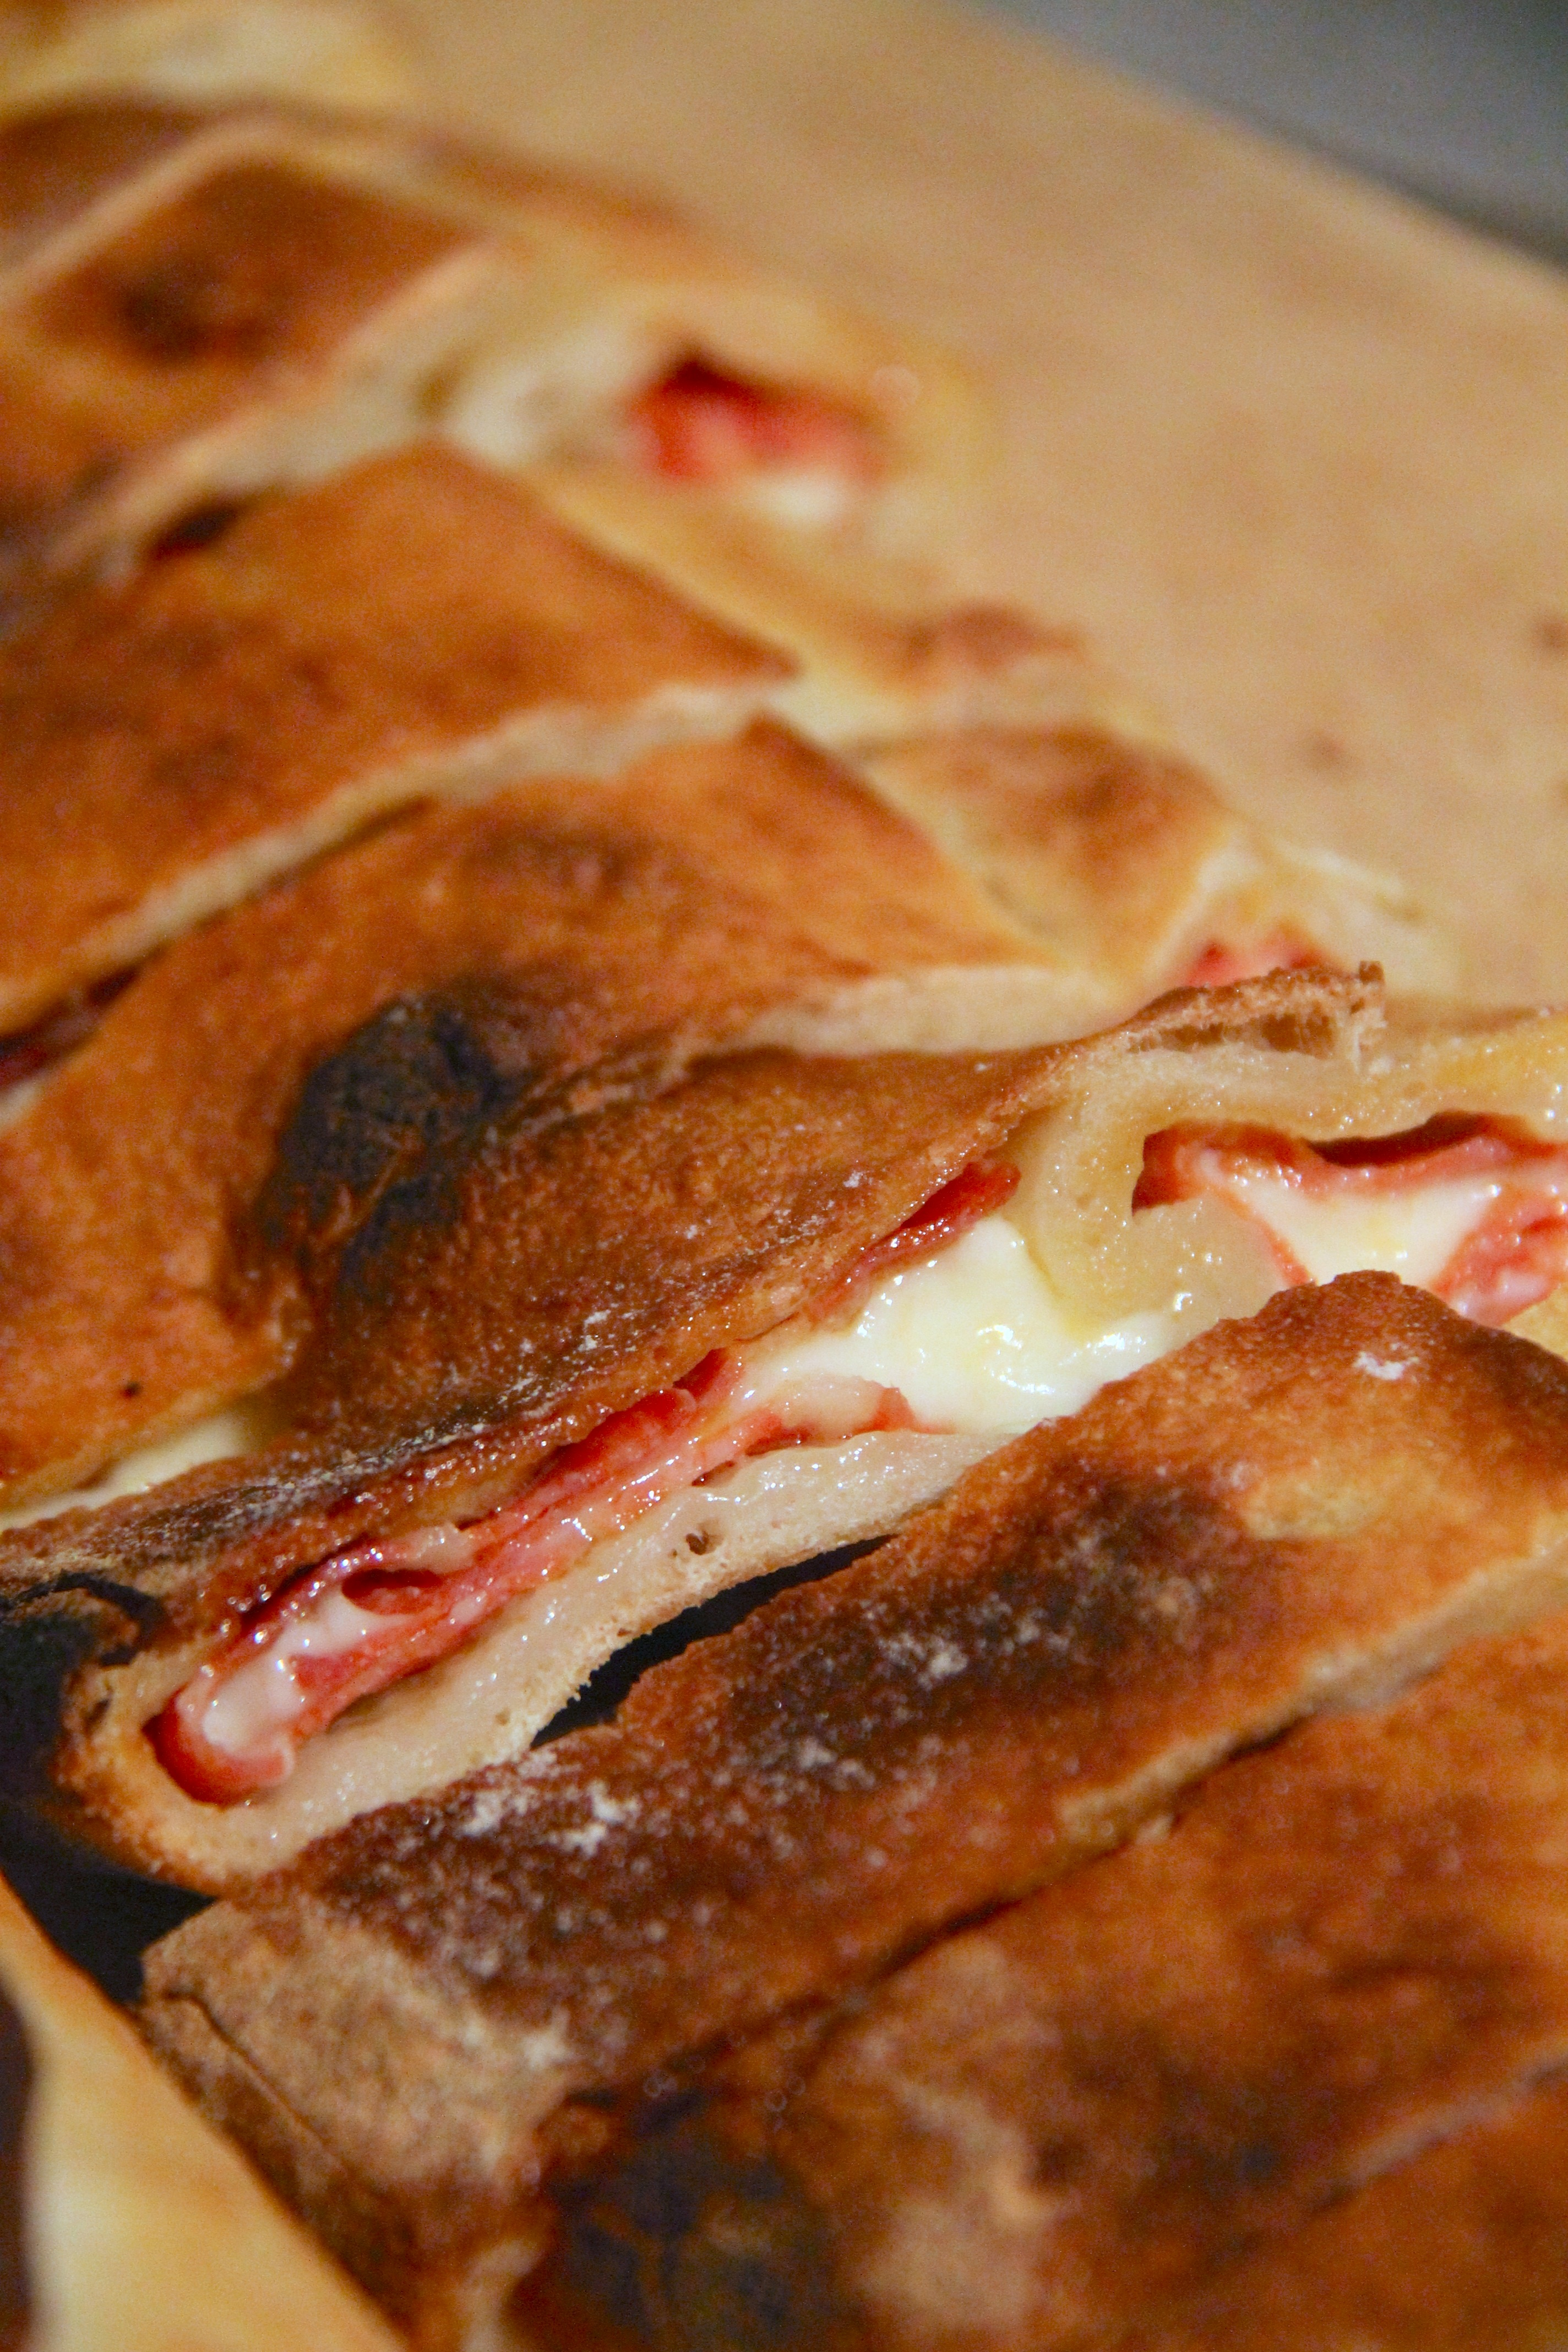 Rotolo di pizza con salame e scamorza